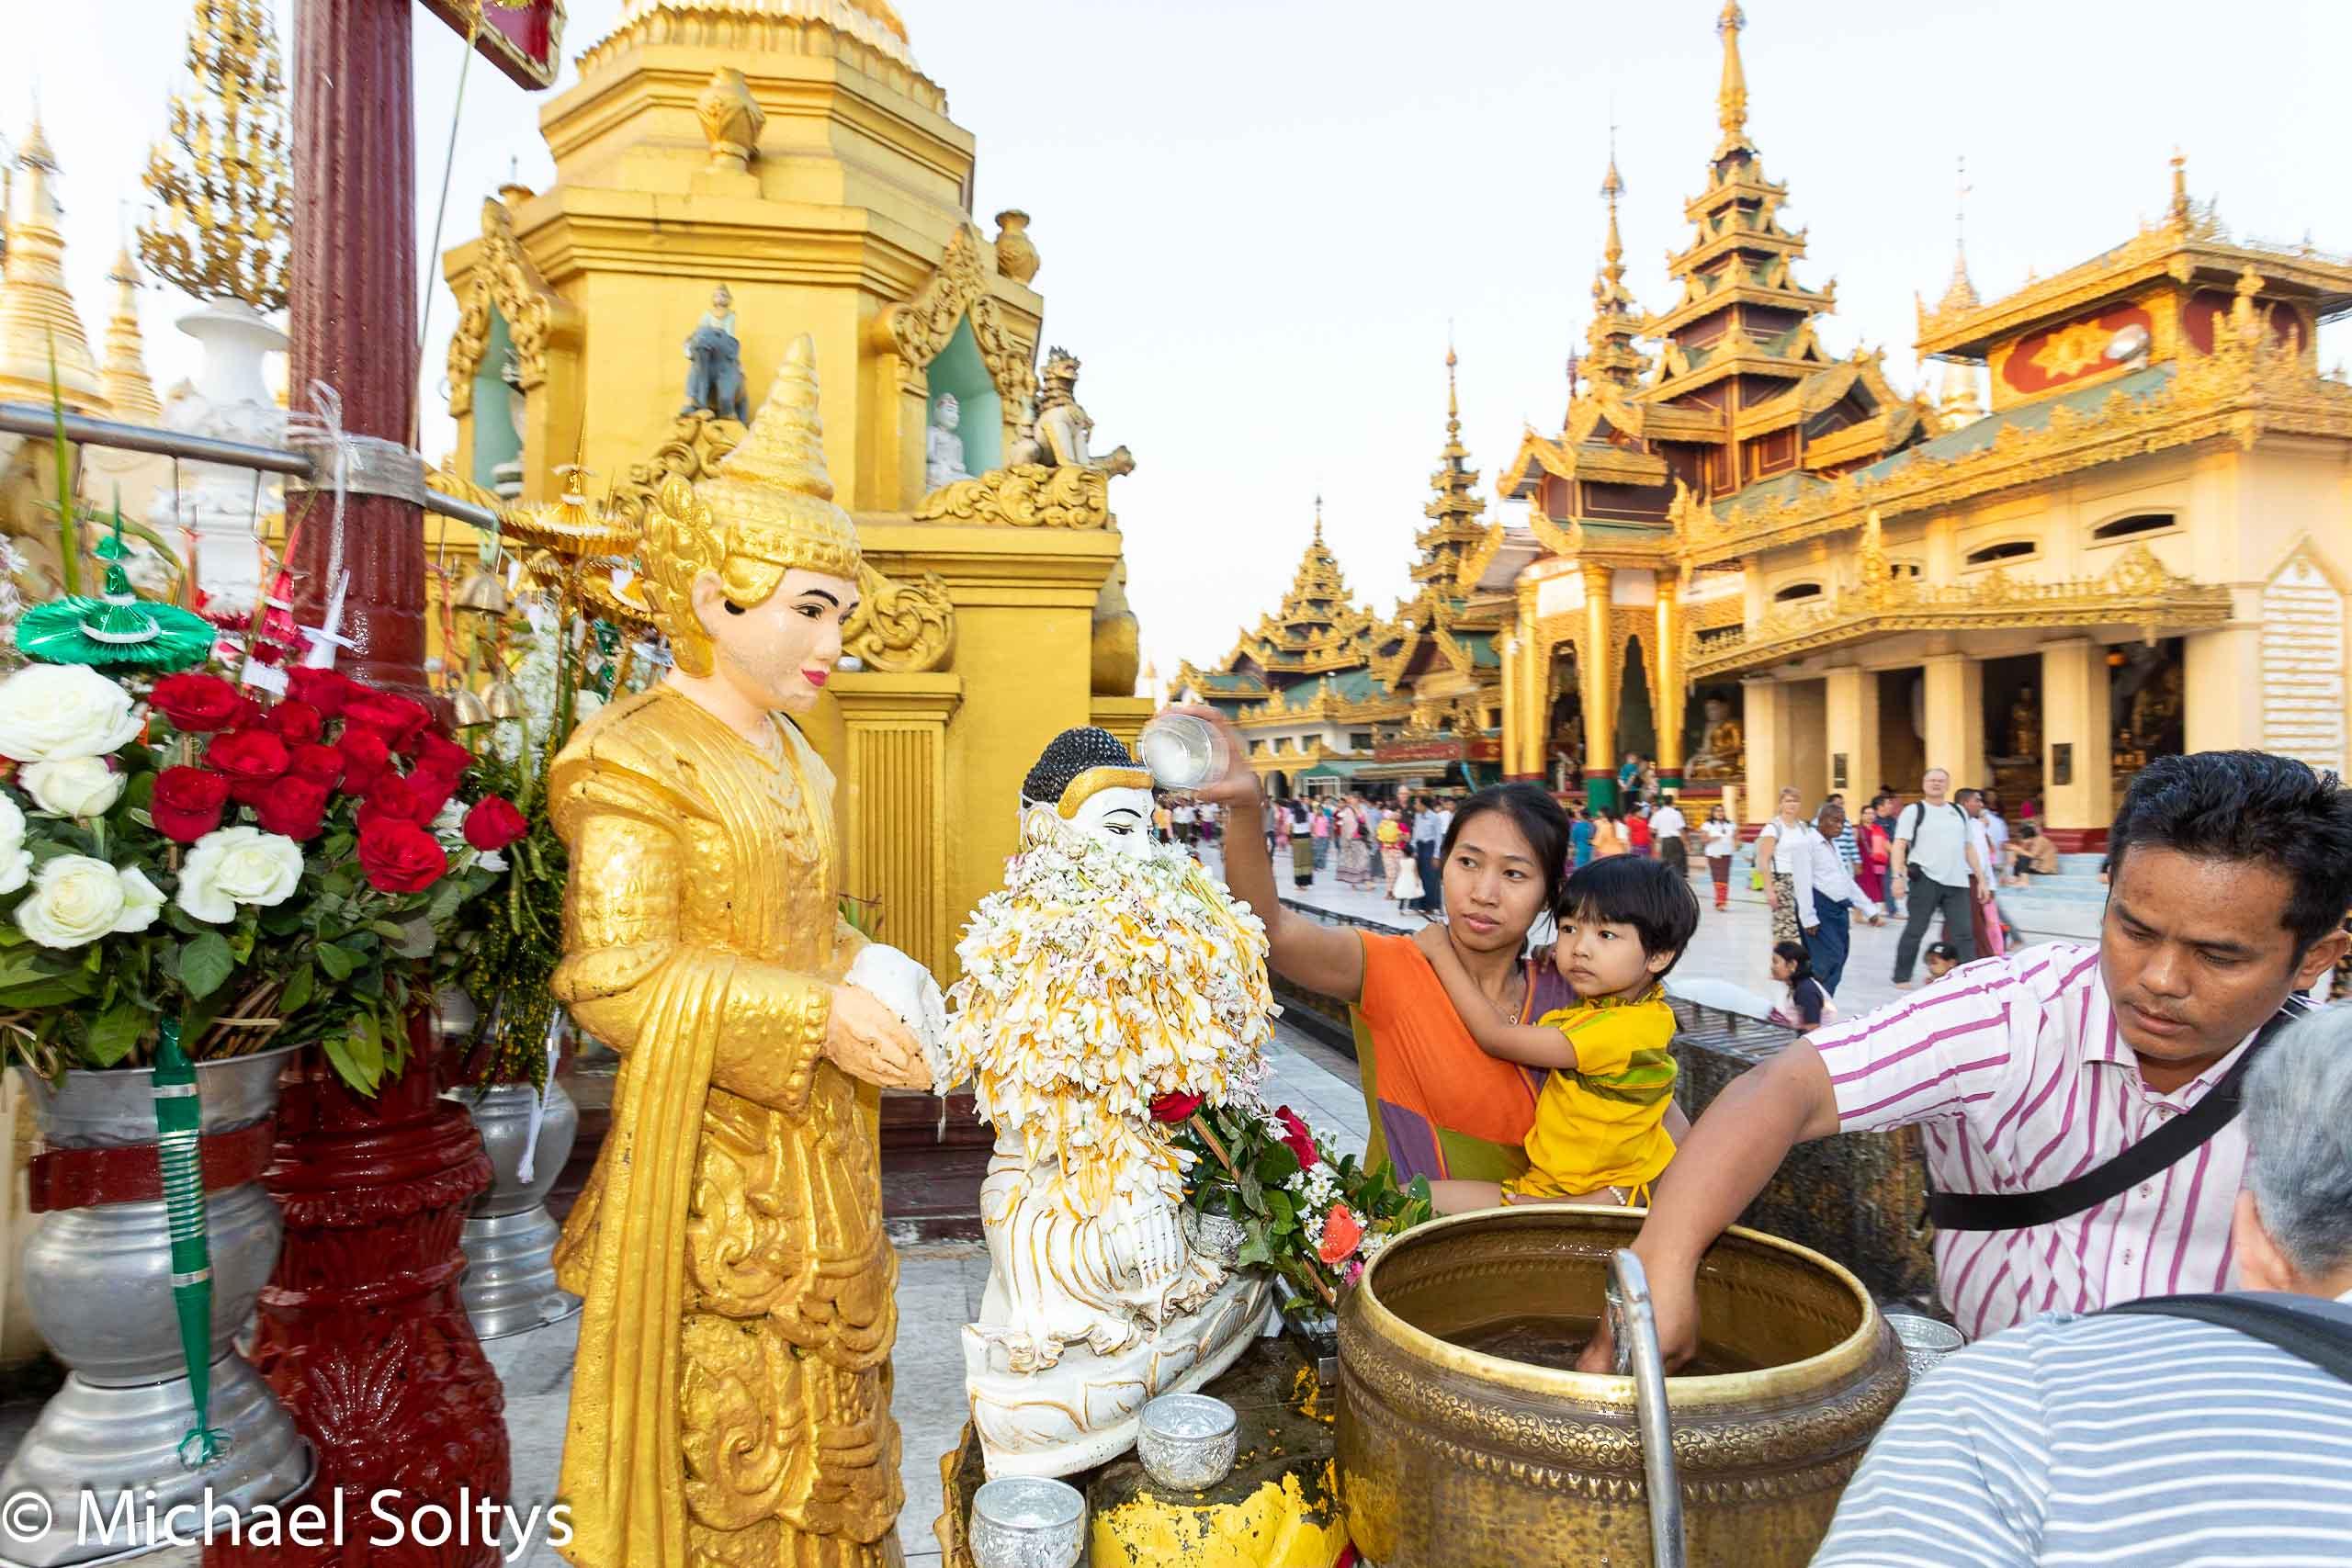 Eine Mutter und ihr Kind reinigen symbolisch eine blumengeschmückte Buddha-Figur.